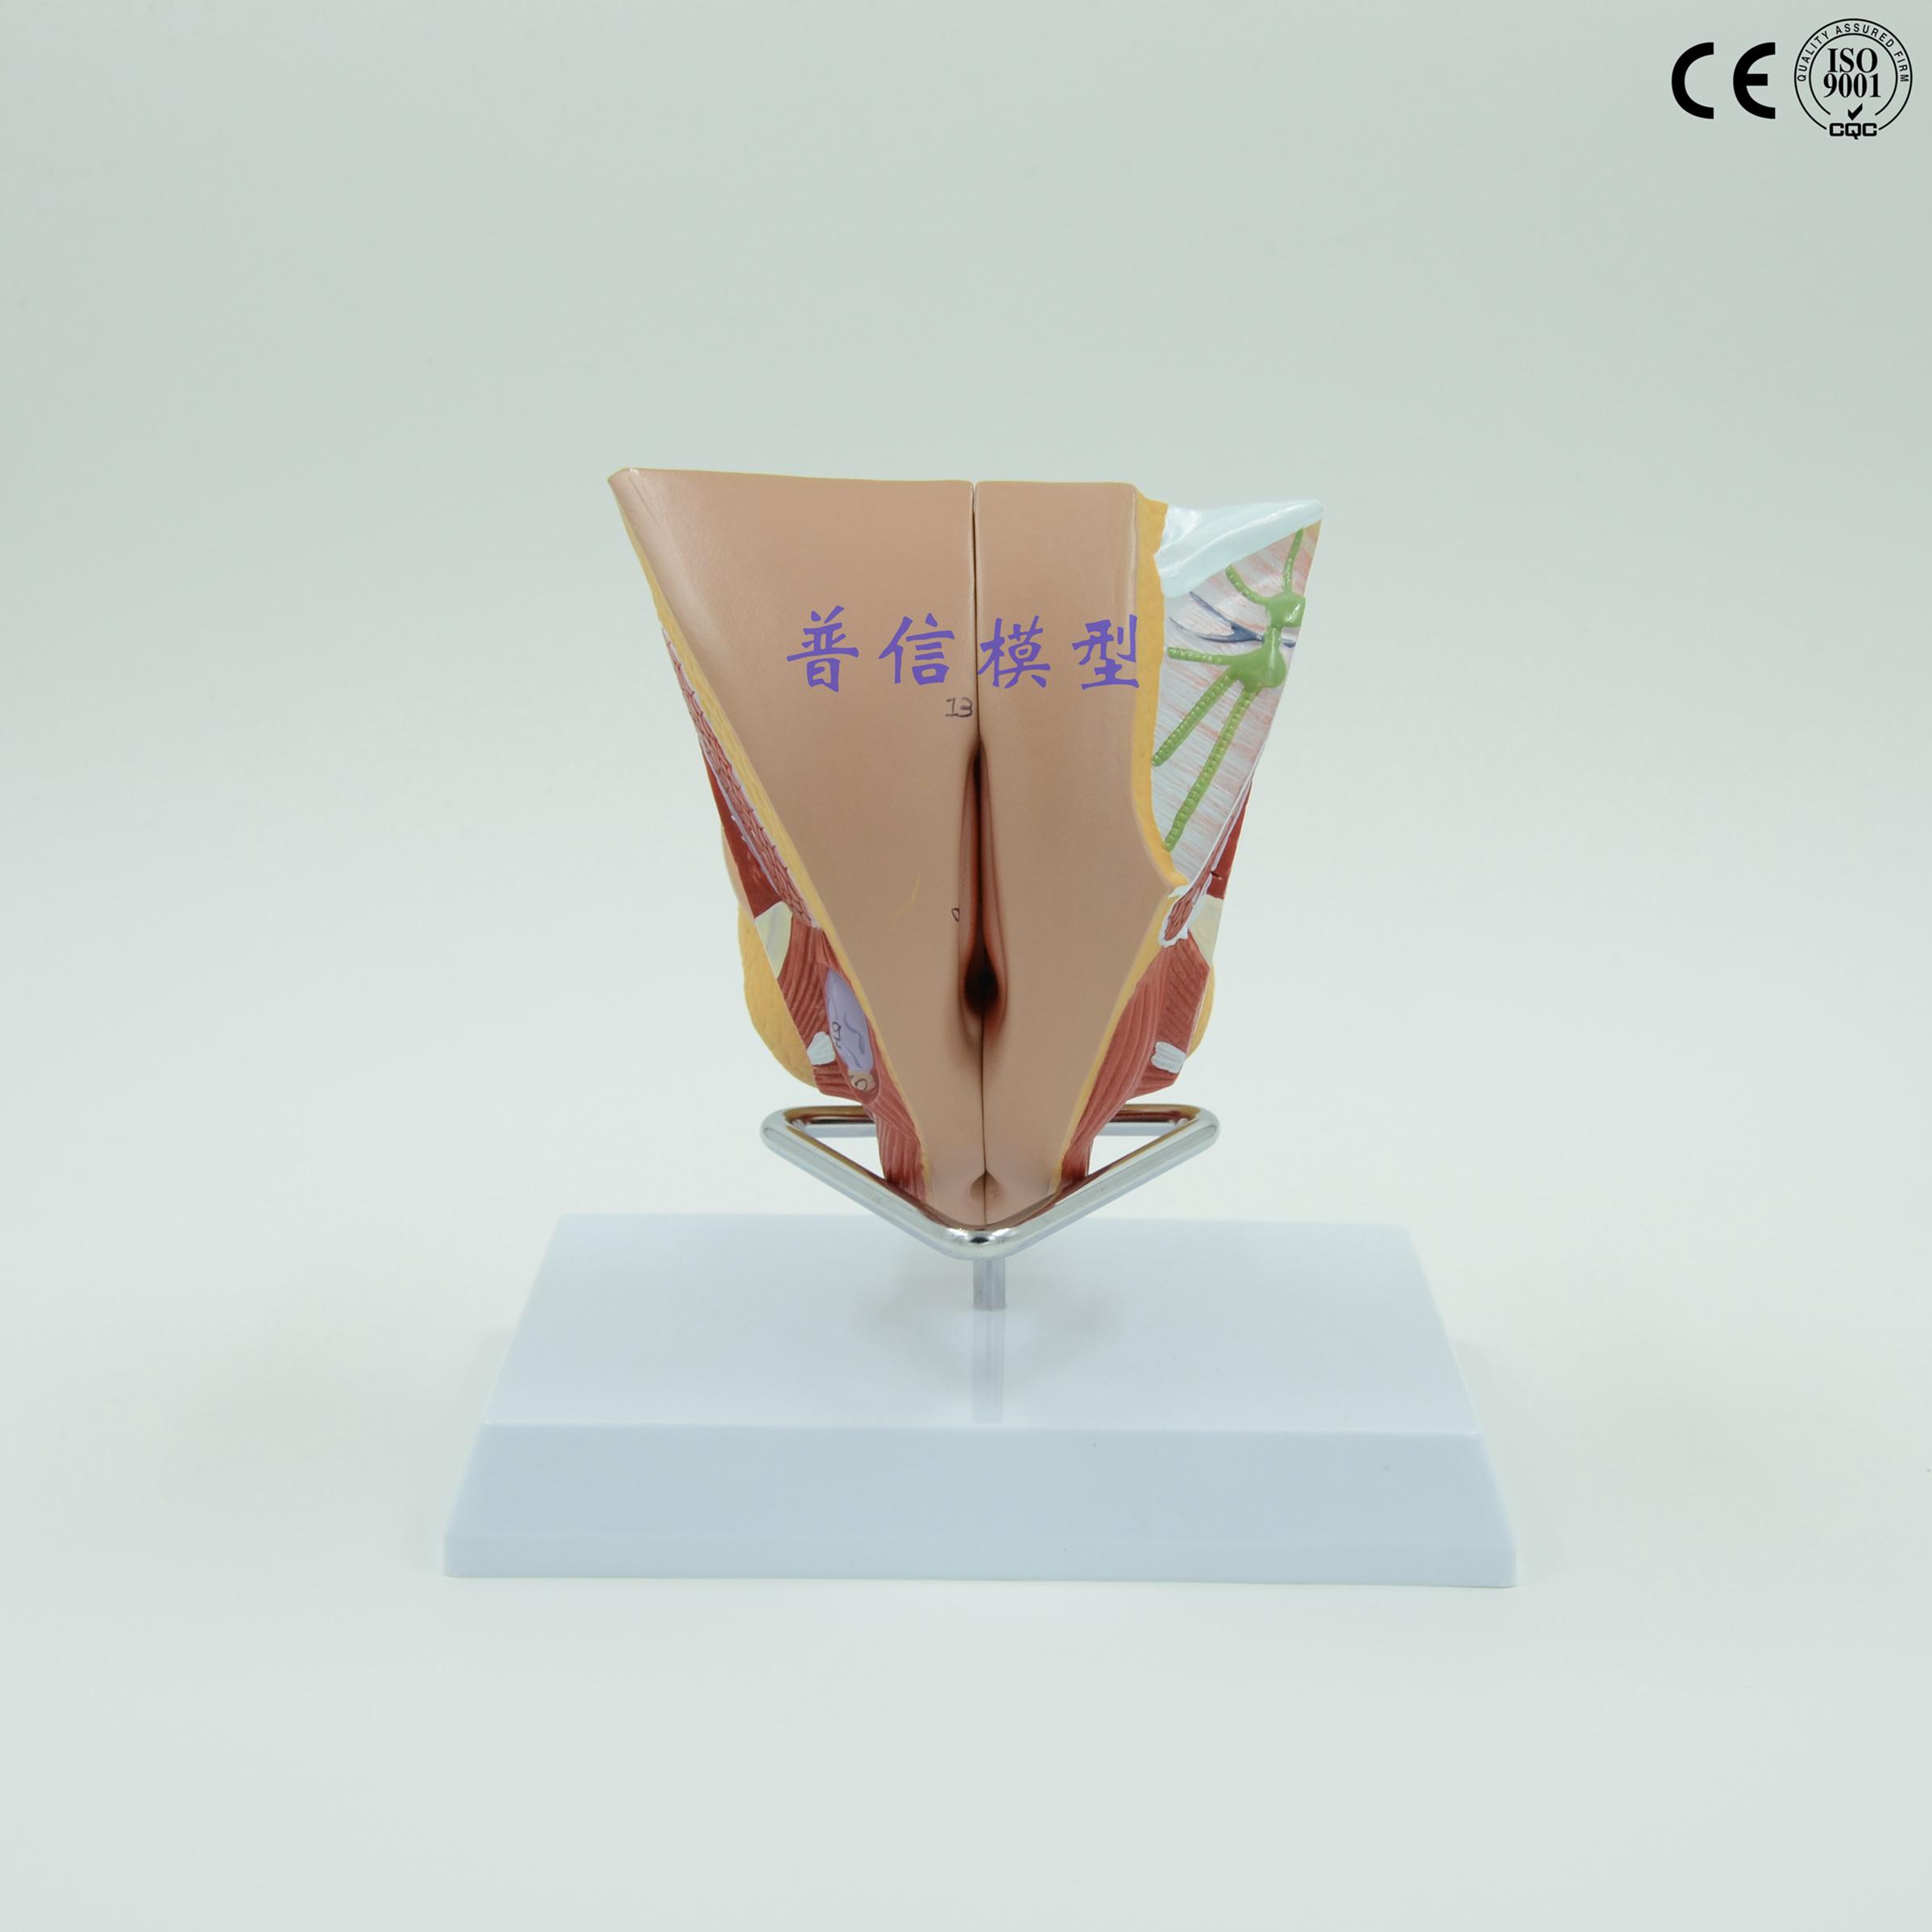 普信模型内外生殖器系统模型模型子宫计划生育睾丸用品女性